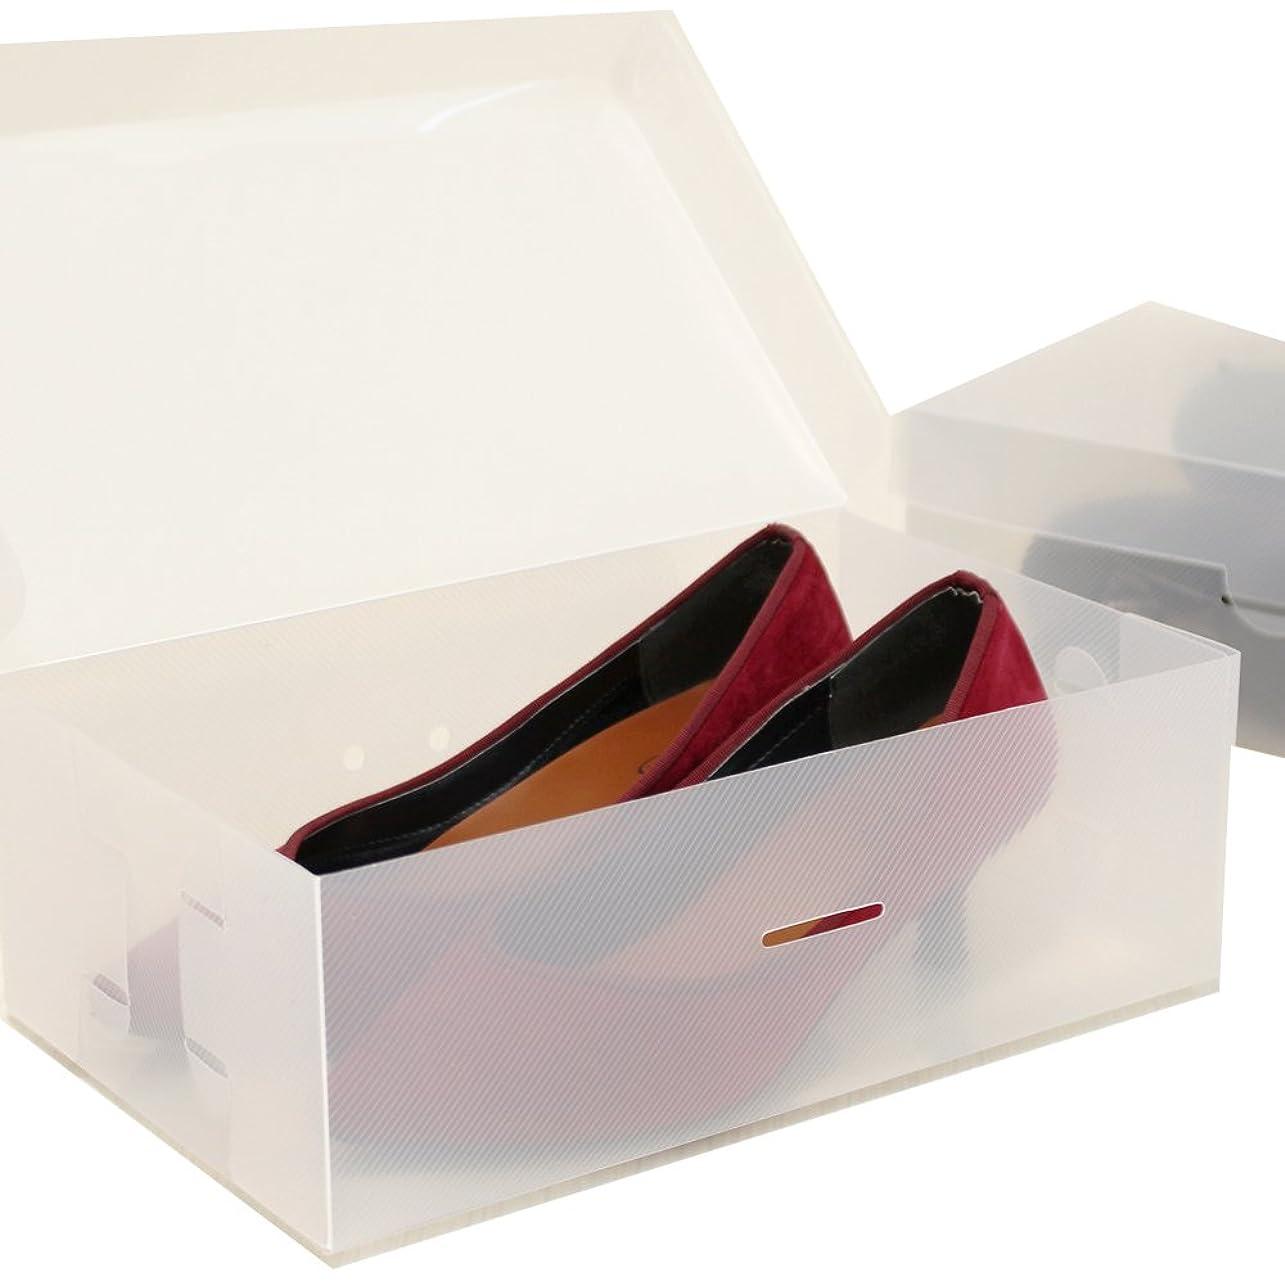 立派な制裁ブリードシューズボックス2箱入 女性用サイズ 透明クリアーケース 靴箱 収納 COMO STOCK